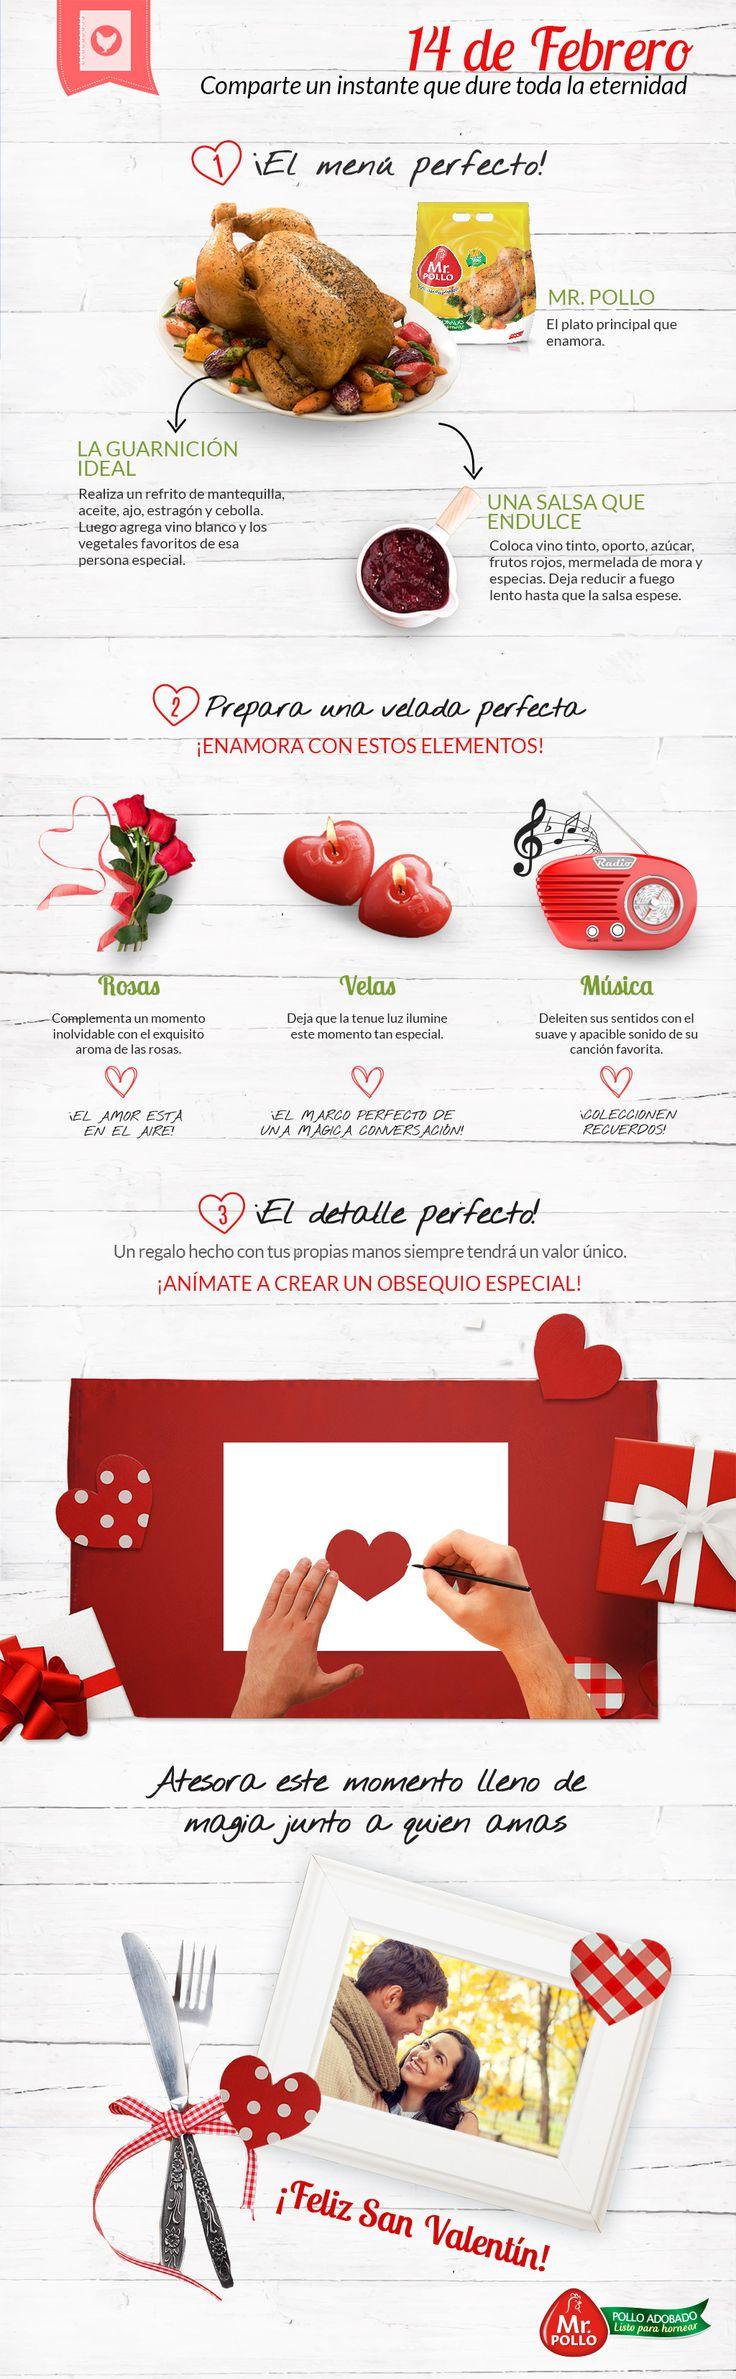 Este San Valentín, sorprende a esa persona especial y quédate con todo su cariño! Mr. Pollo Listo para Hornear te ayuda a preparar una velada llena de sabor y detalles en muy poco tiempo.